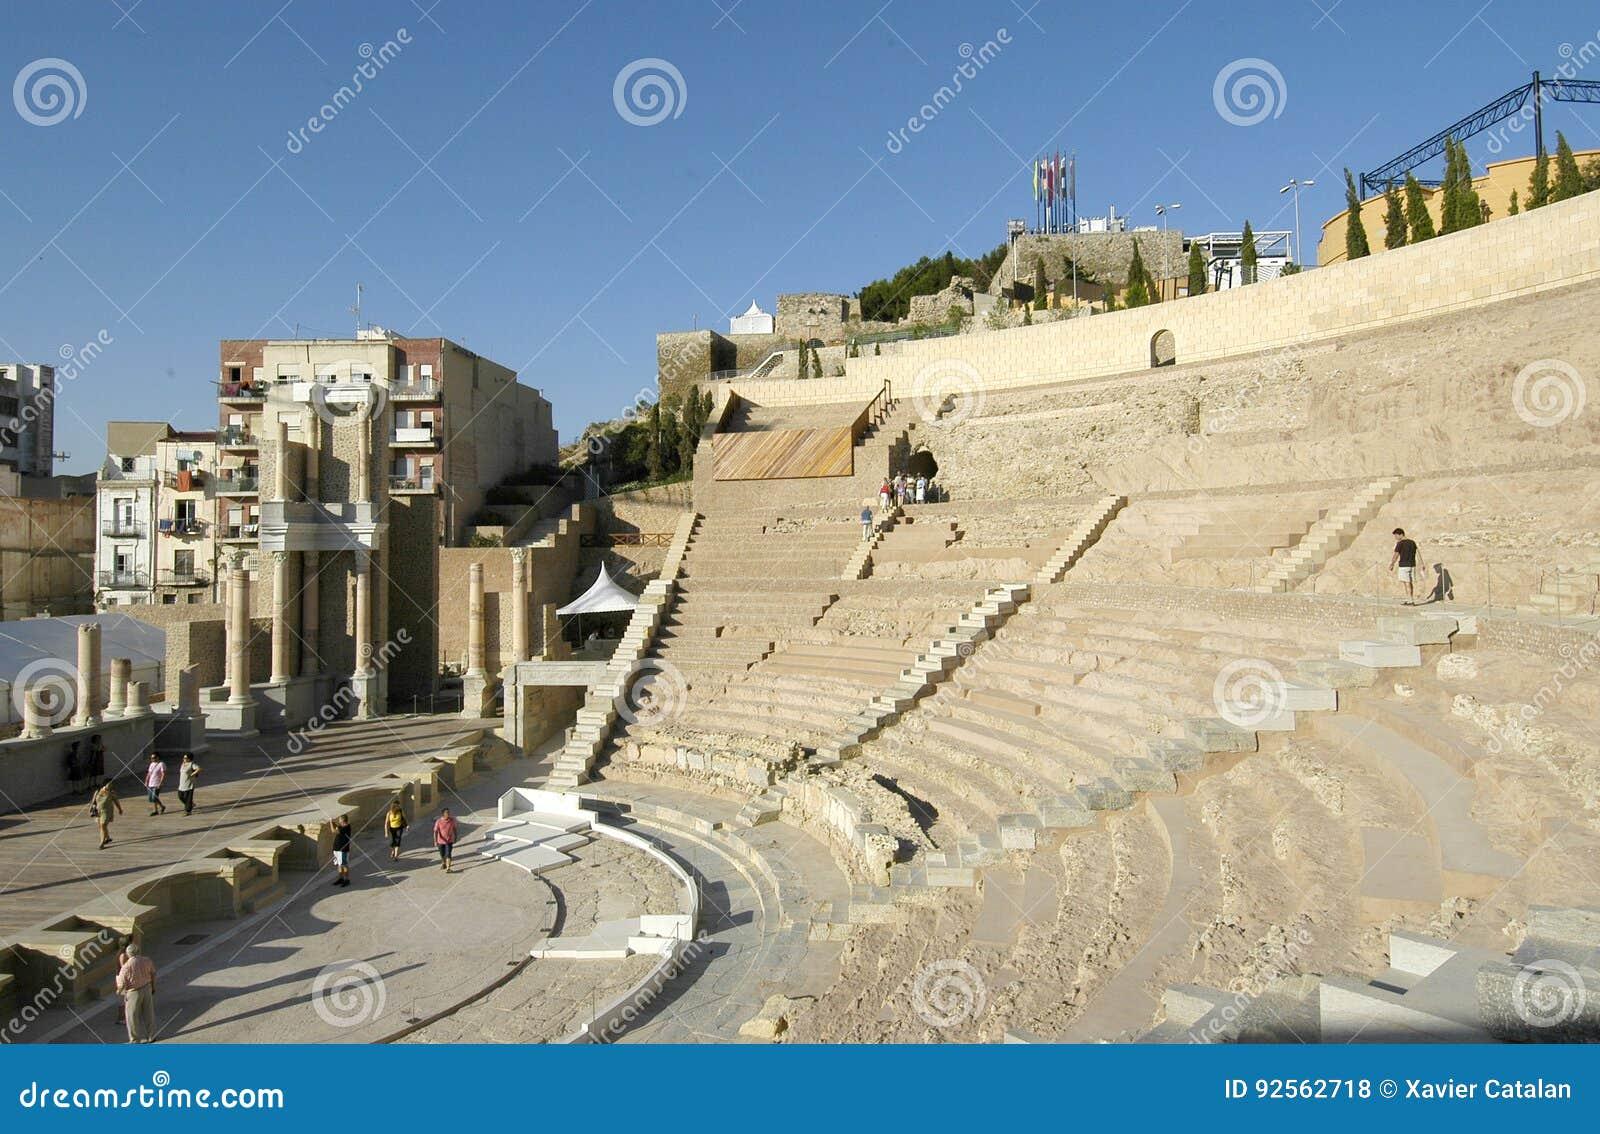 Teatro romano di Cartagine, Spagna